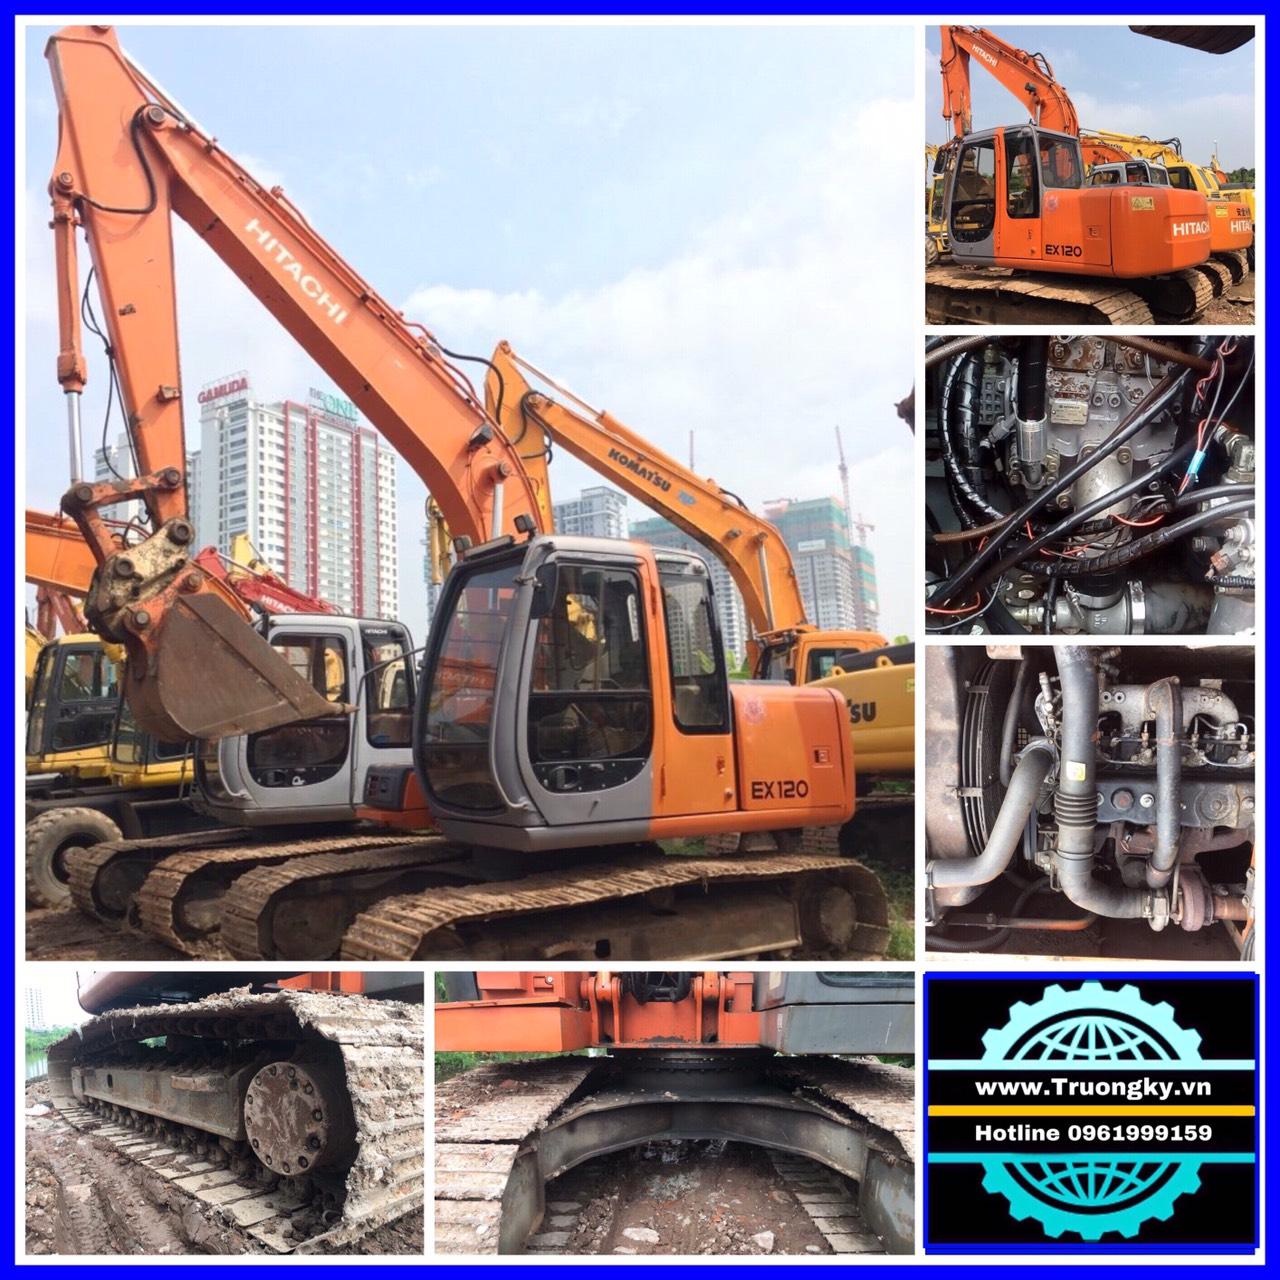 Máy xúc đào Hitachi EX120-5